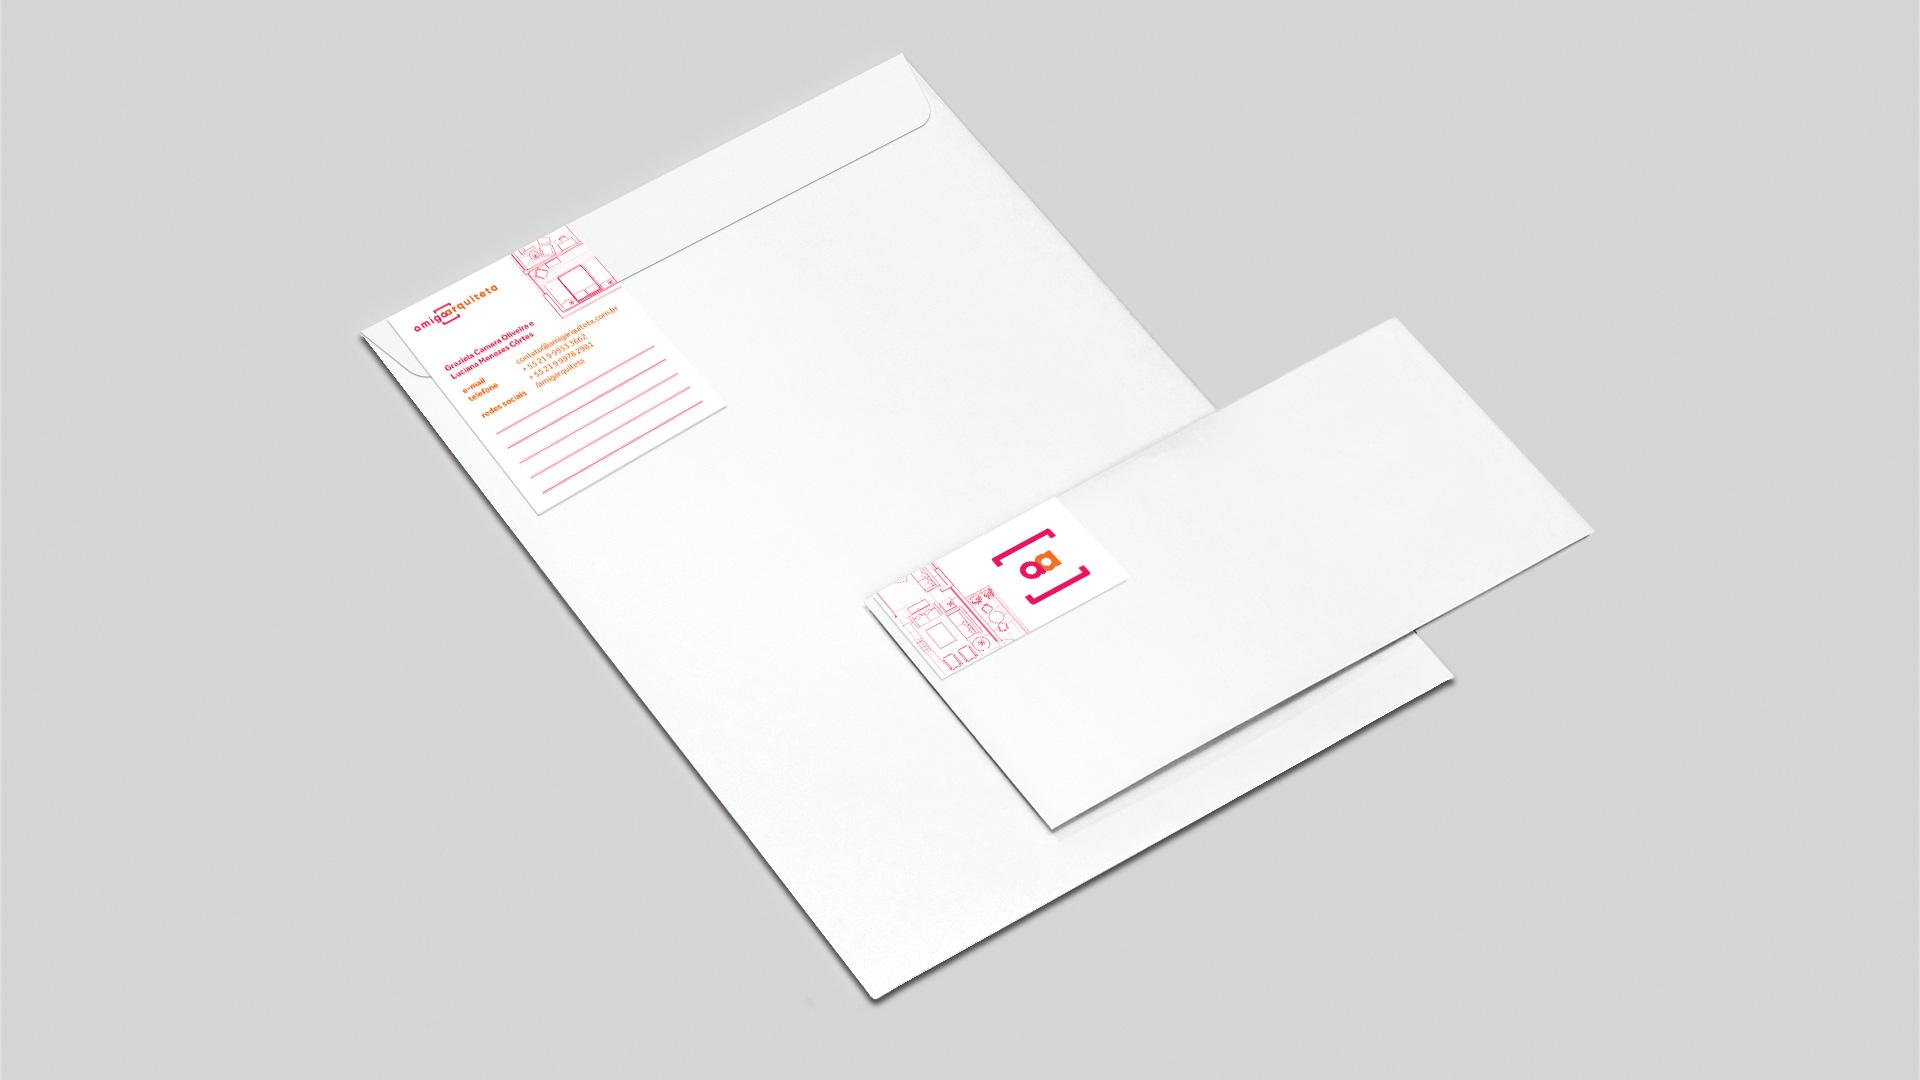 envelope-aa-1920x1080px